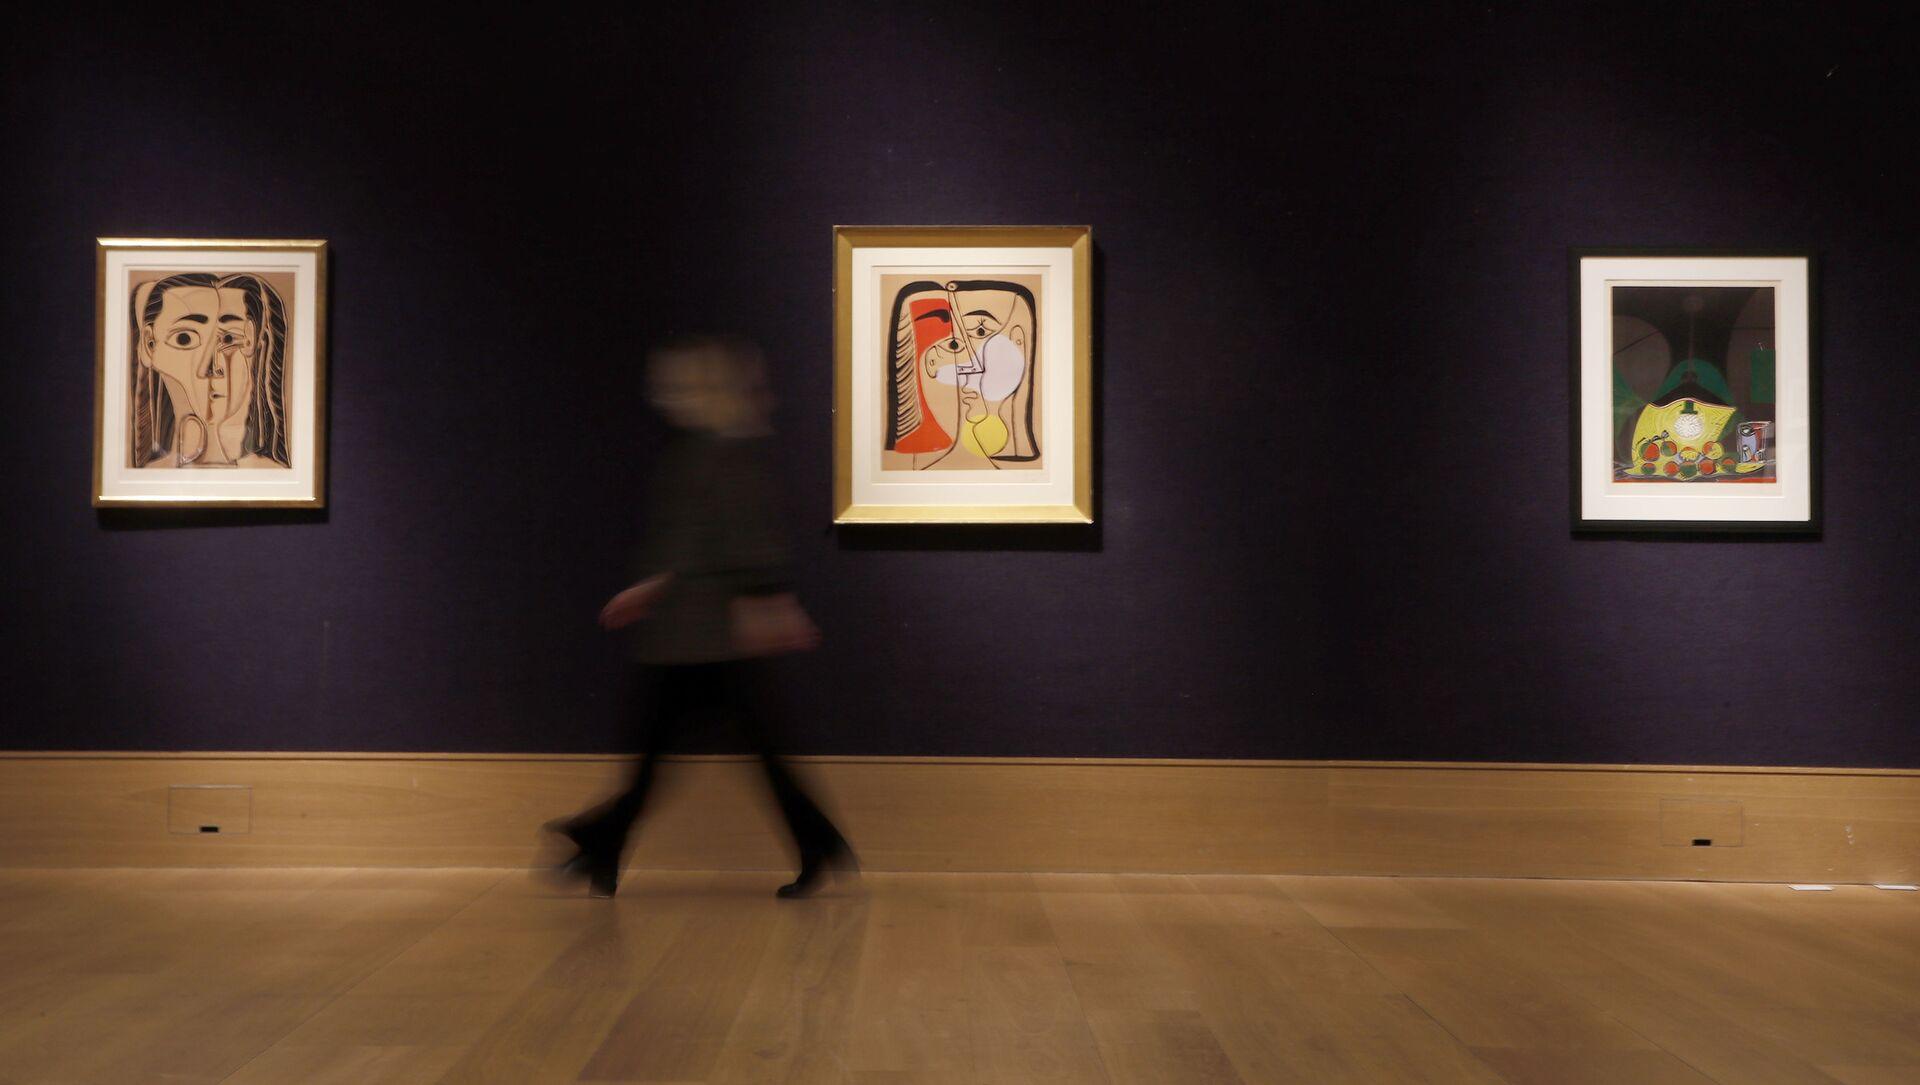 Londonda hərrac evində Pablo Pikassonun əsərləri, arxiv şəkli - Sputnik Azərbaycan, 1920, 21.09.2021